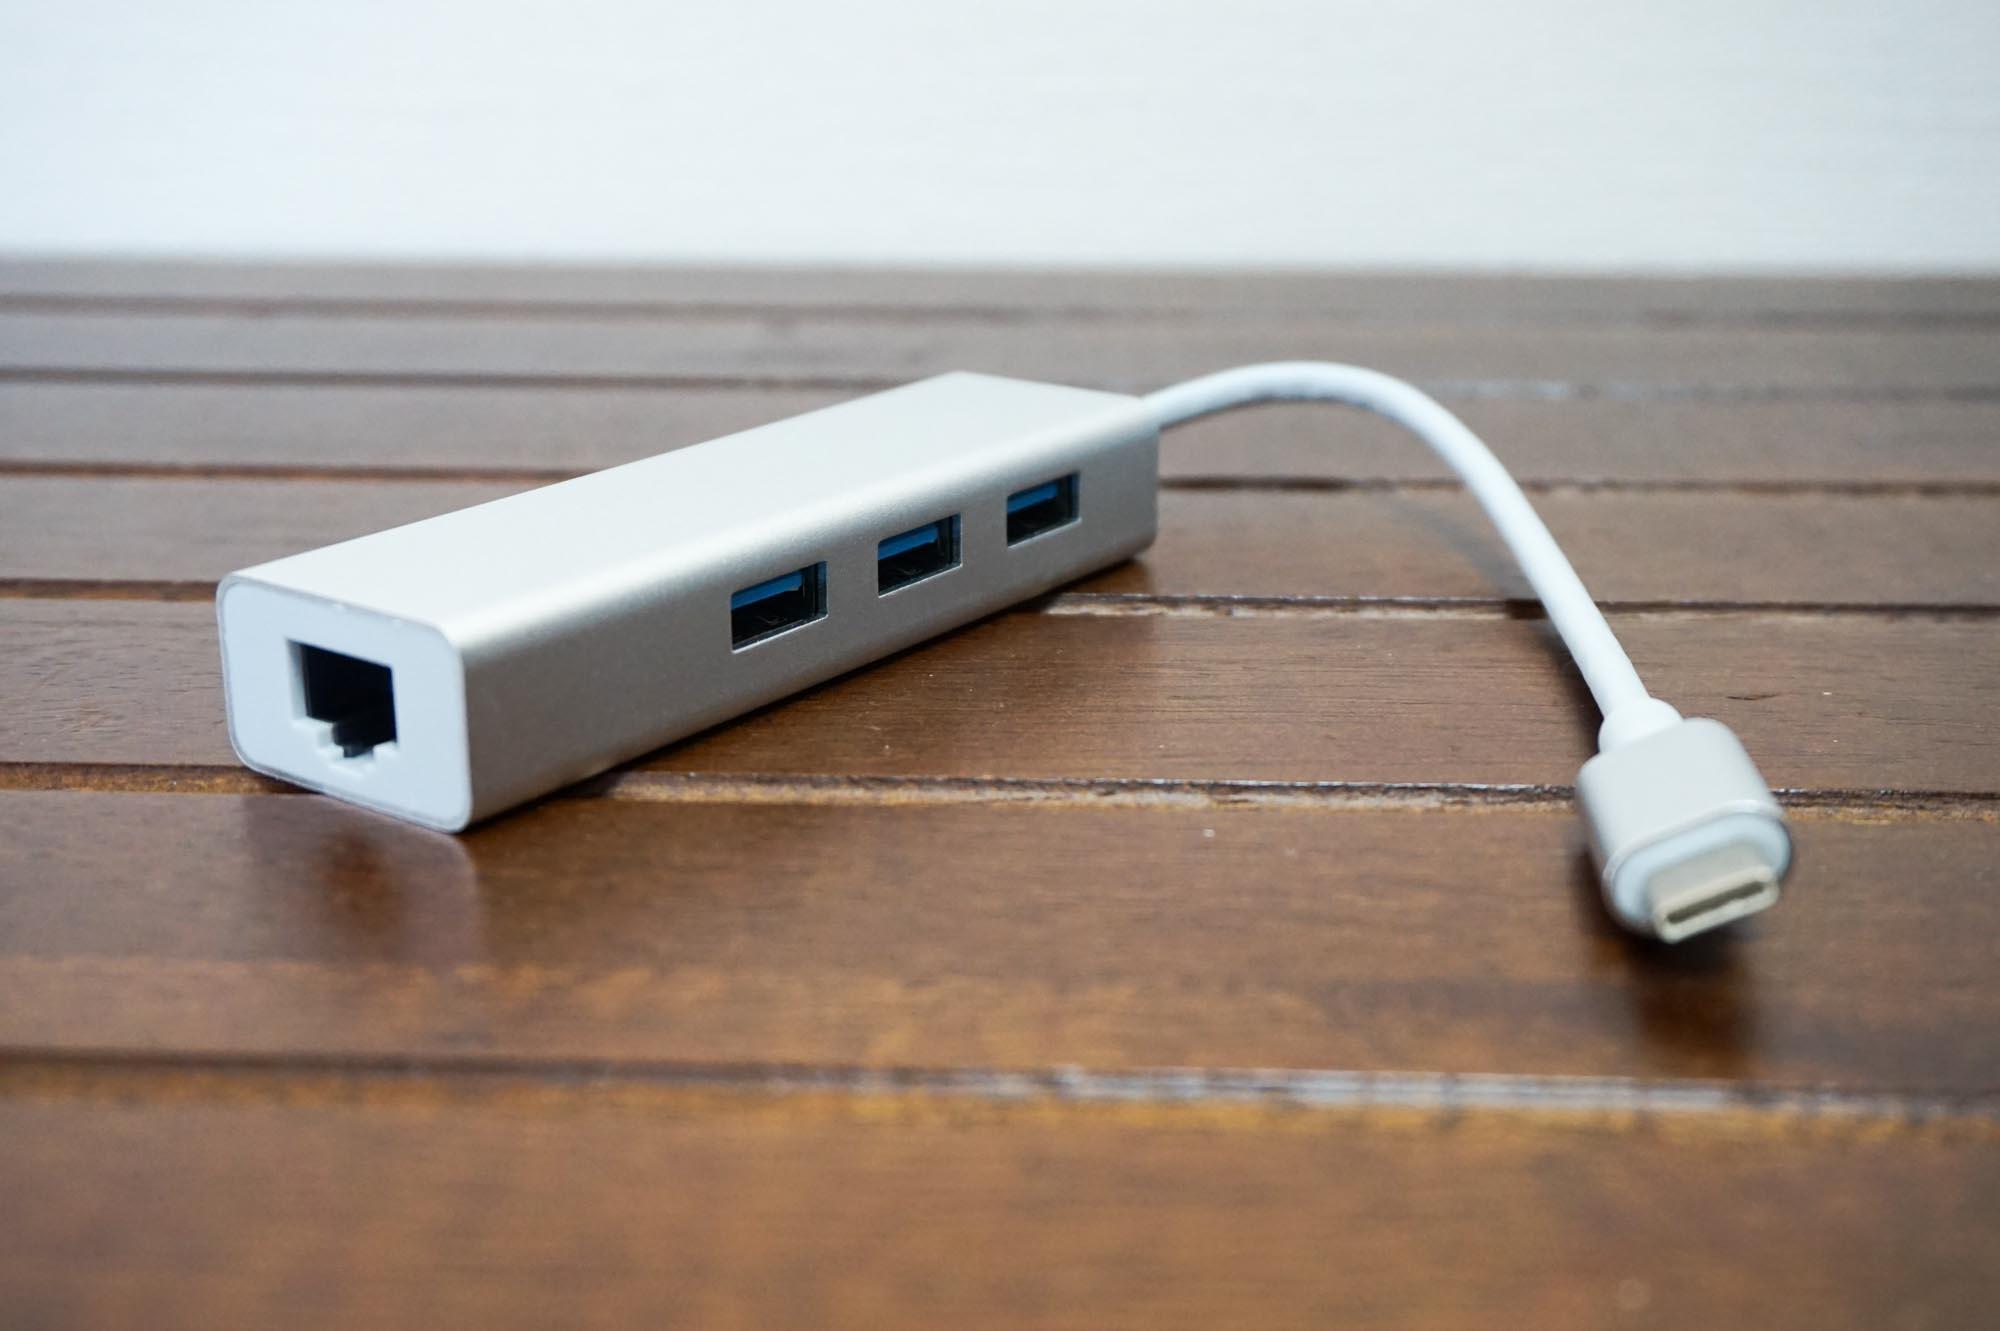 MacBookProが有線LAN接続可能に!Ethernetポート付きのUSBハブを購入【通信速度比較あり】